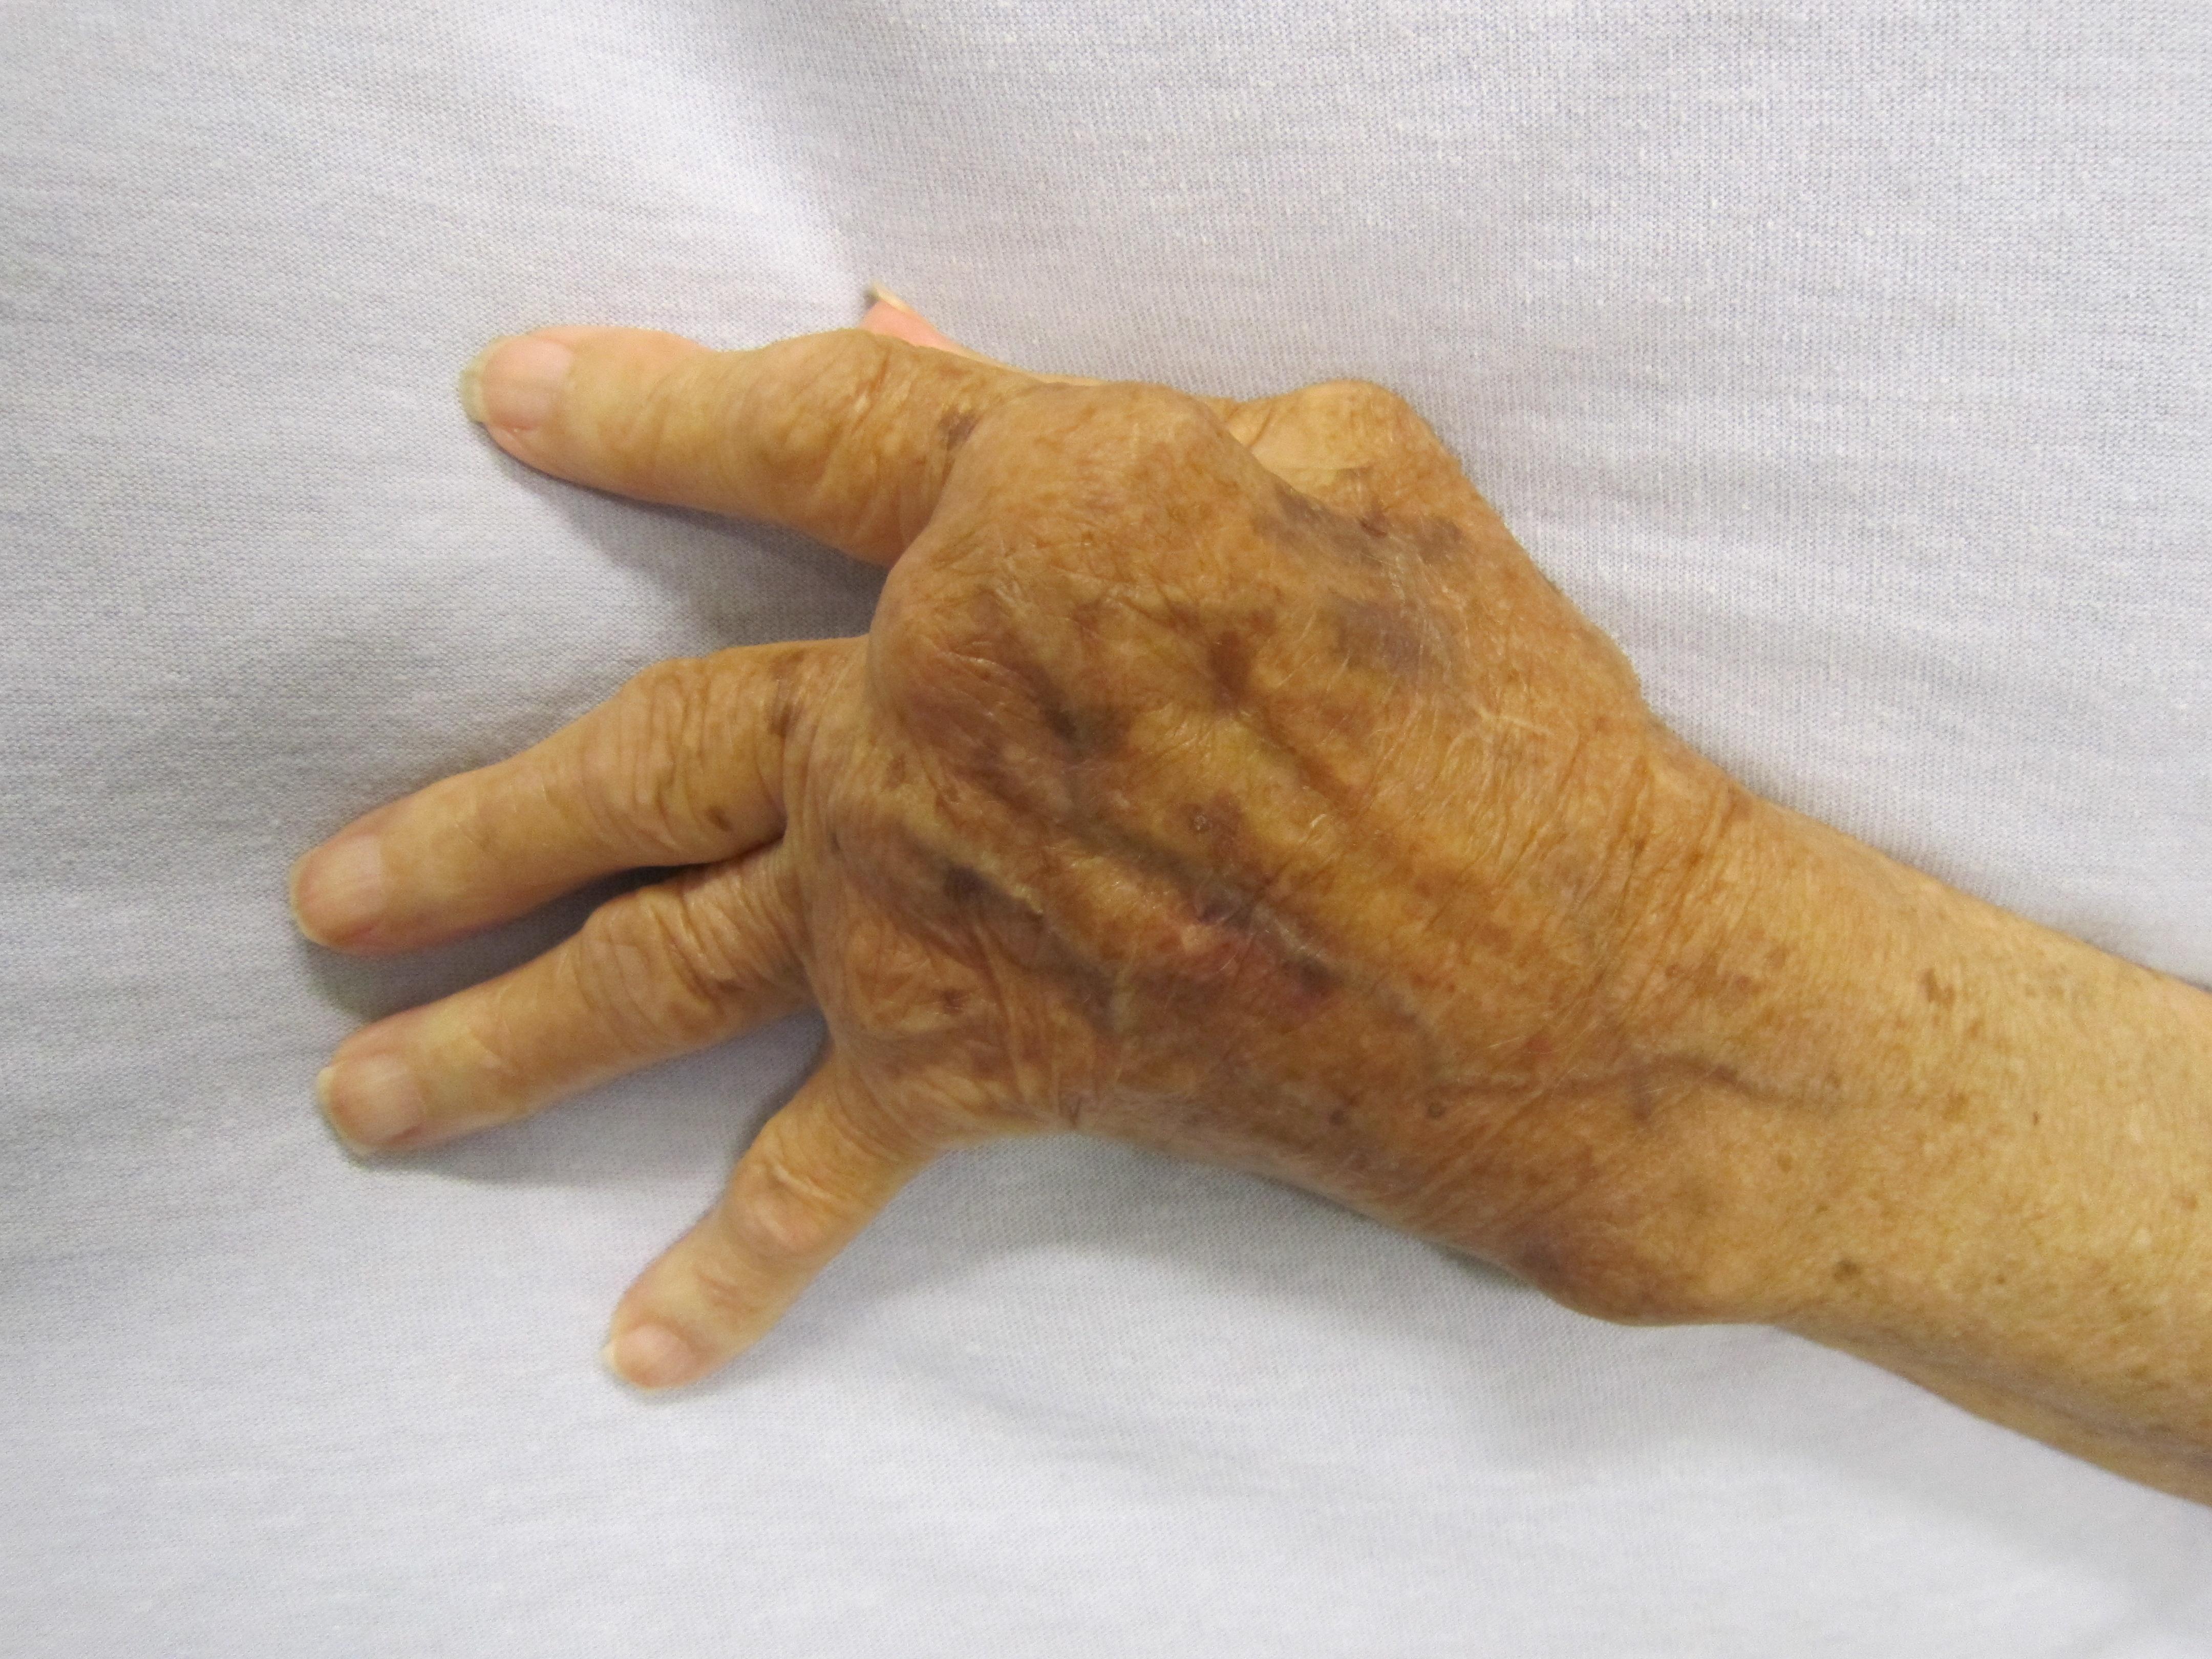 ízületi fájdalom a kezén, mit kell alkalmazni)